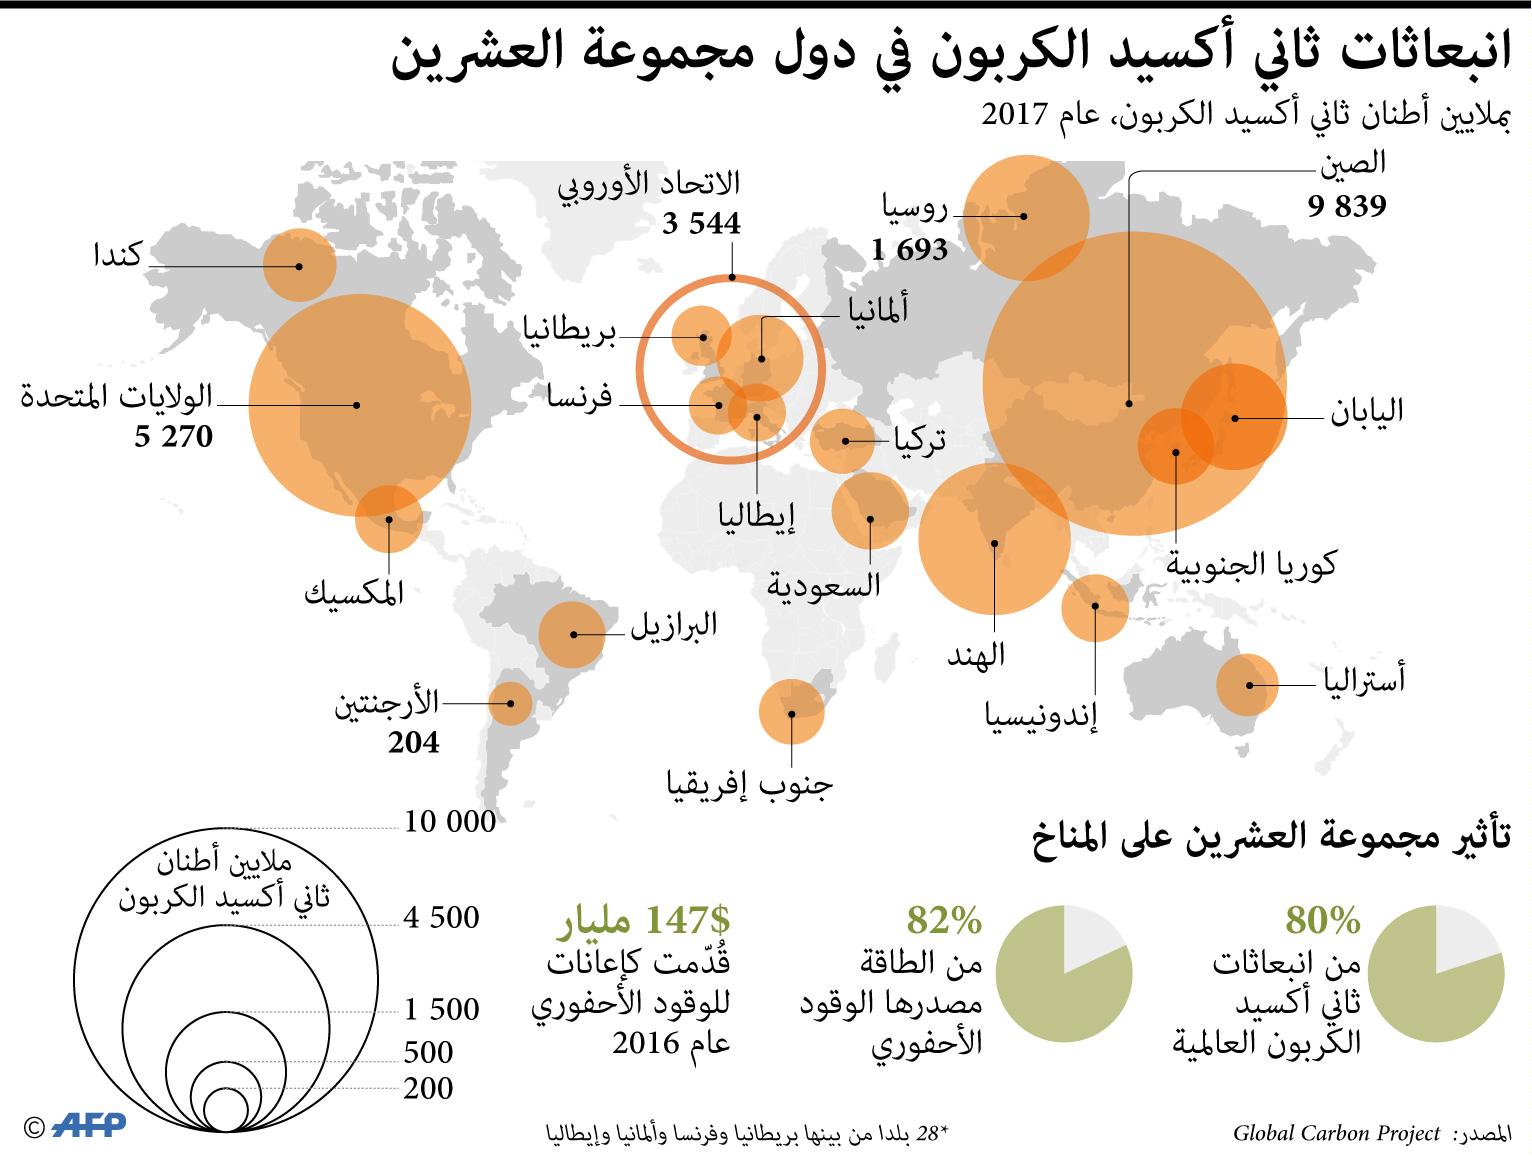 مخطط يوضح نسبة انبعاث غاز ثاني اوكسيد الكاربون في دول مجموعة العشرين